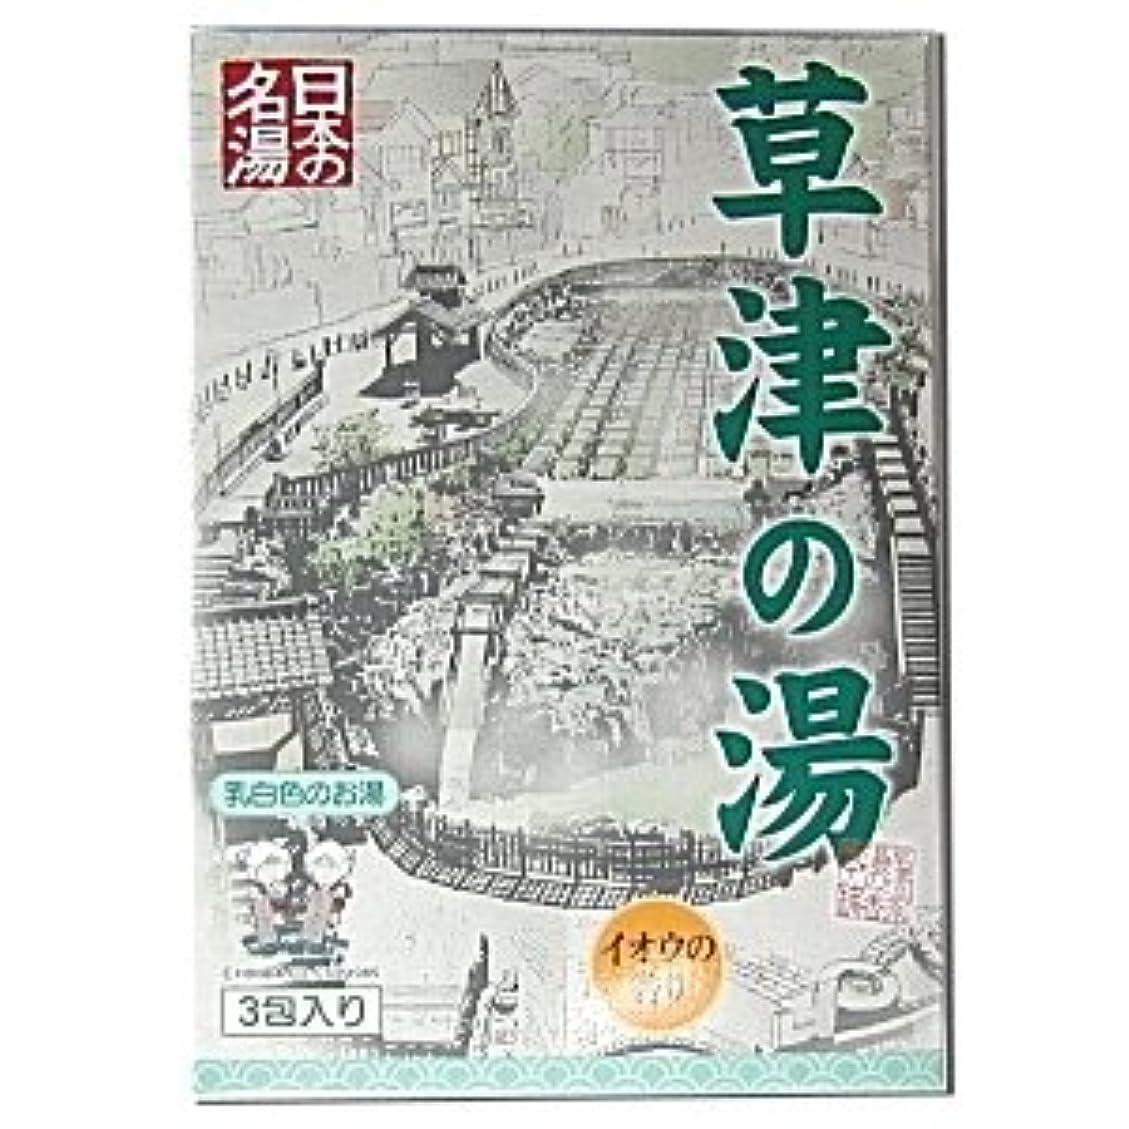 当店限定】 草津の湯入浴剤 『イオウの香り』 乳白色のお湯 3回分 (25gX3袋)